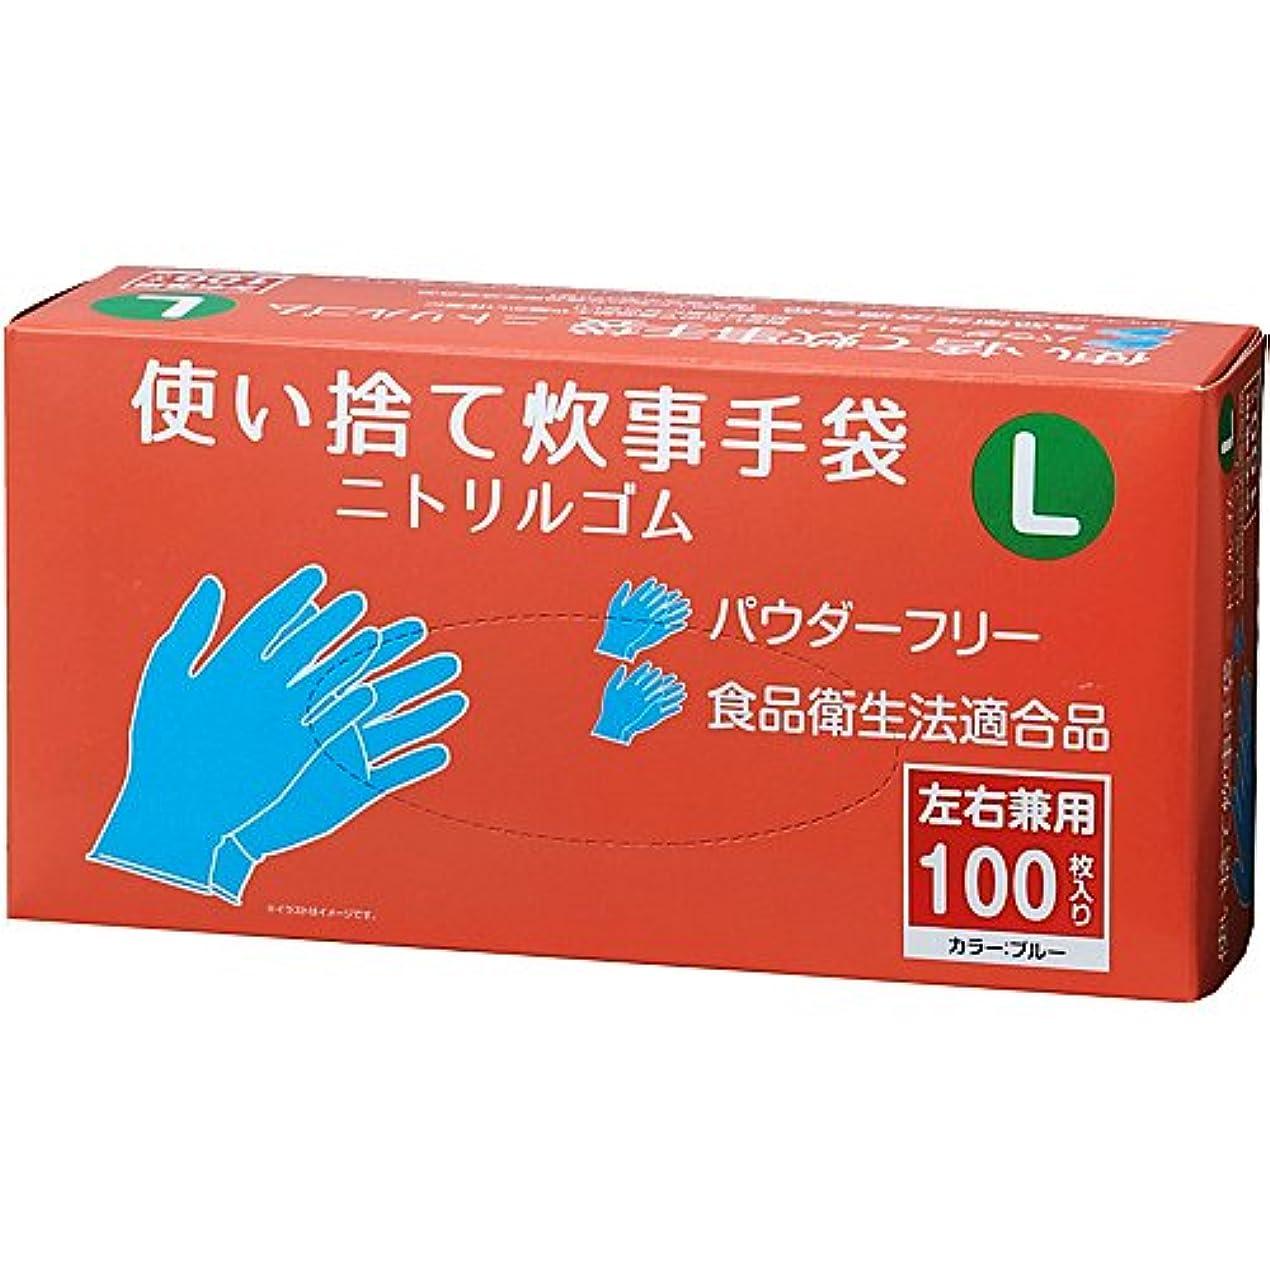 先住民パーク後世コーナンオリジナル 使い捨て炊事手袋 ニトリルゴム 100枚入り L